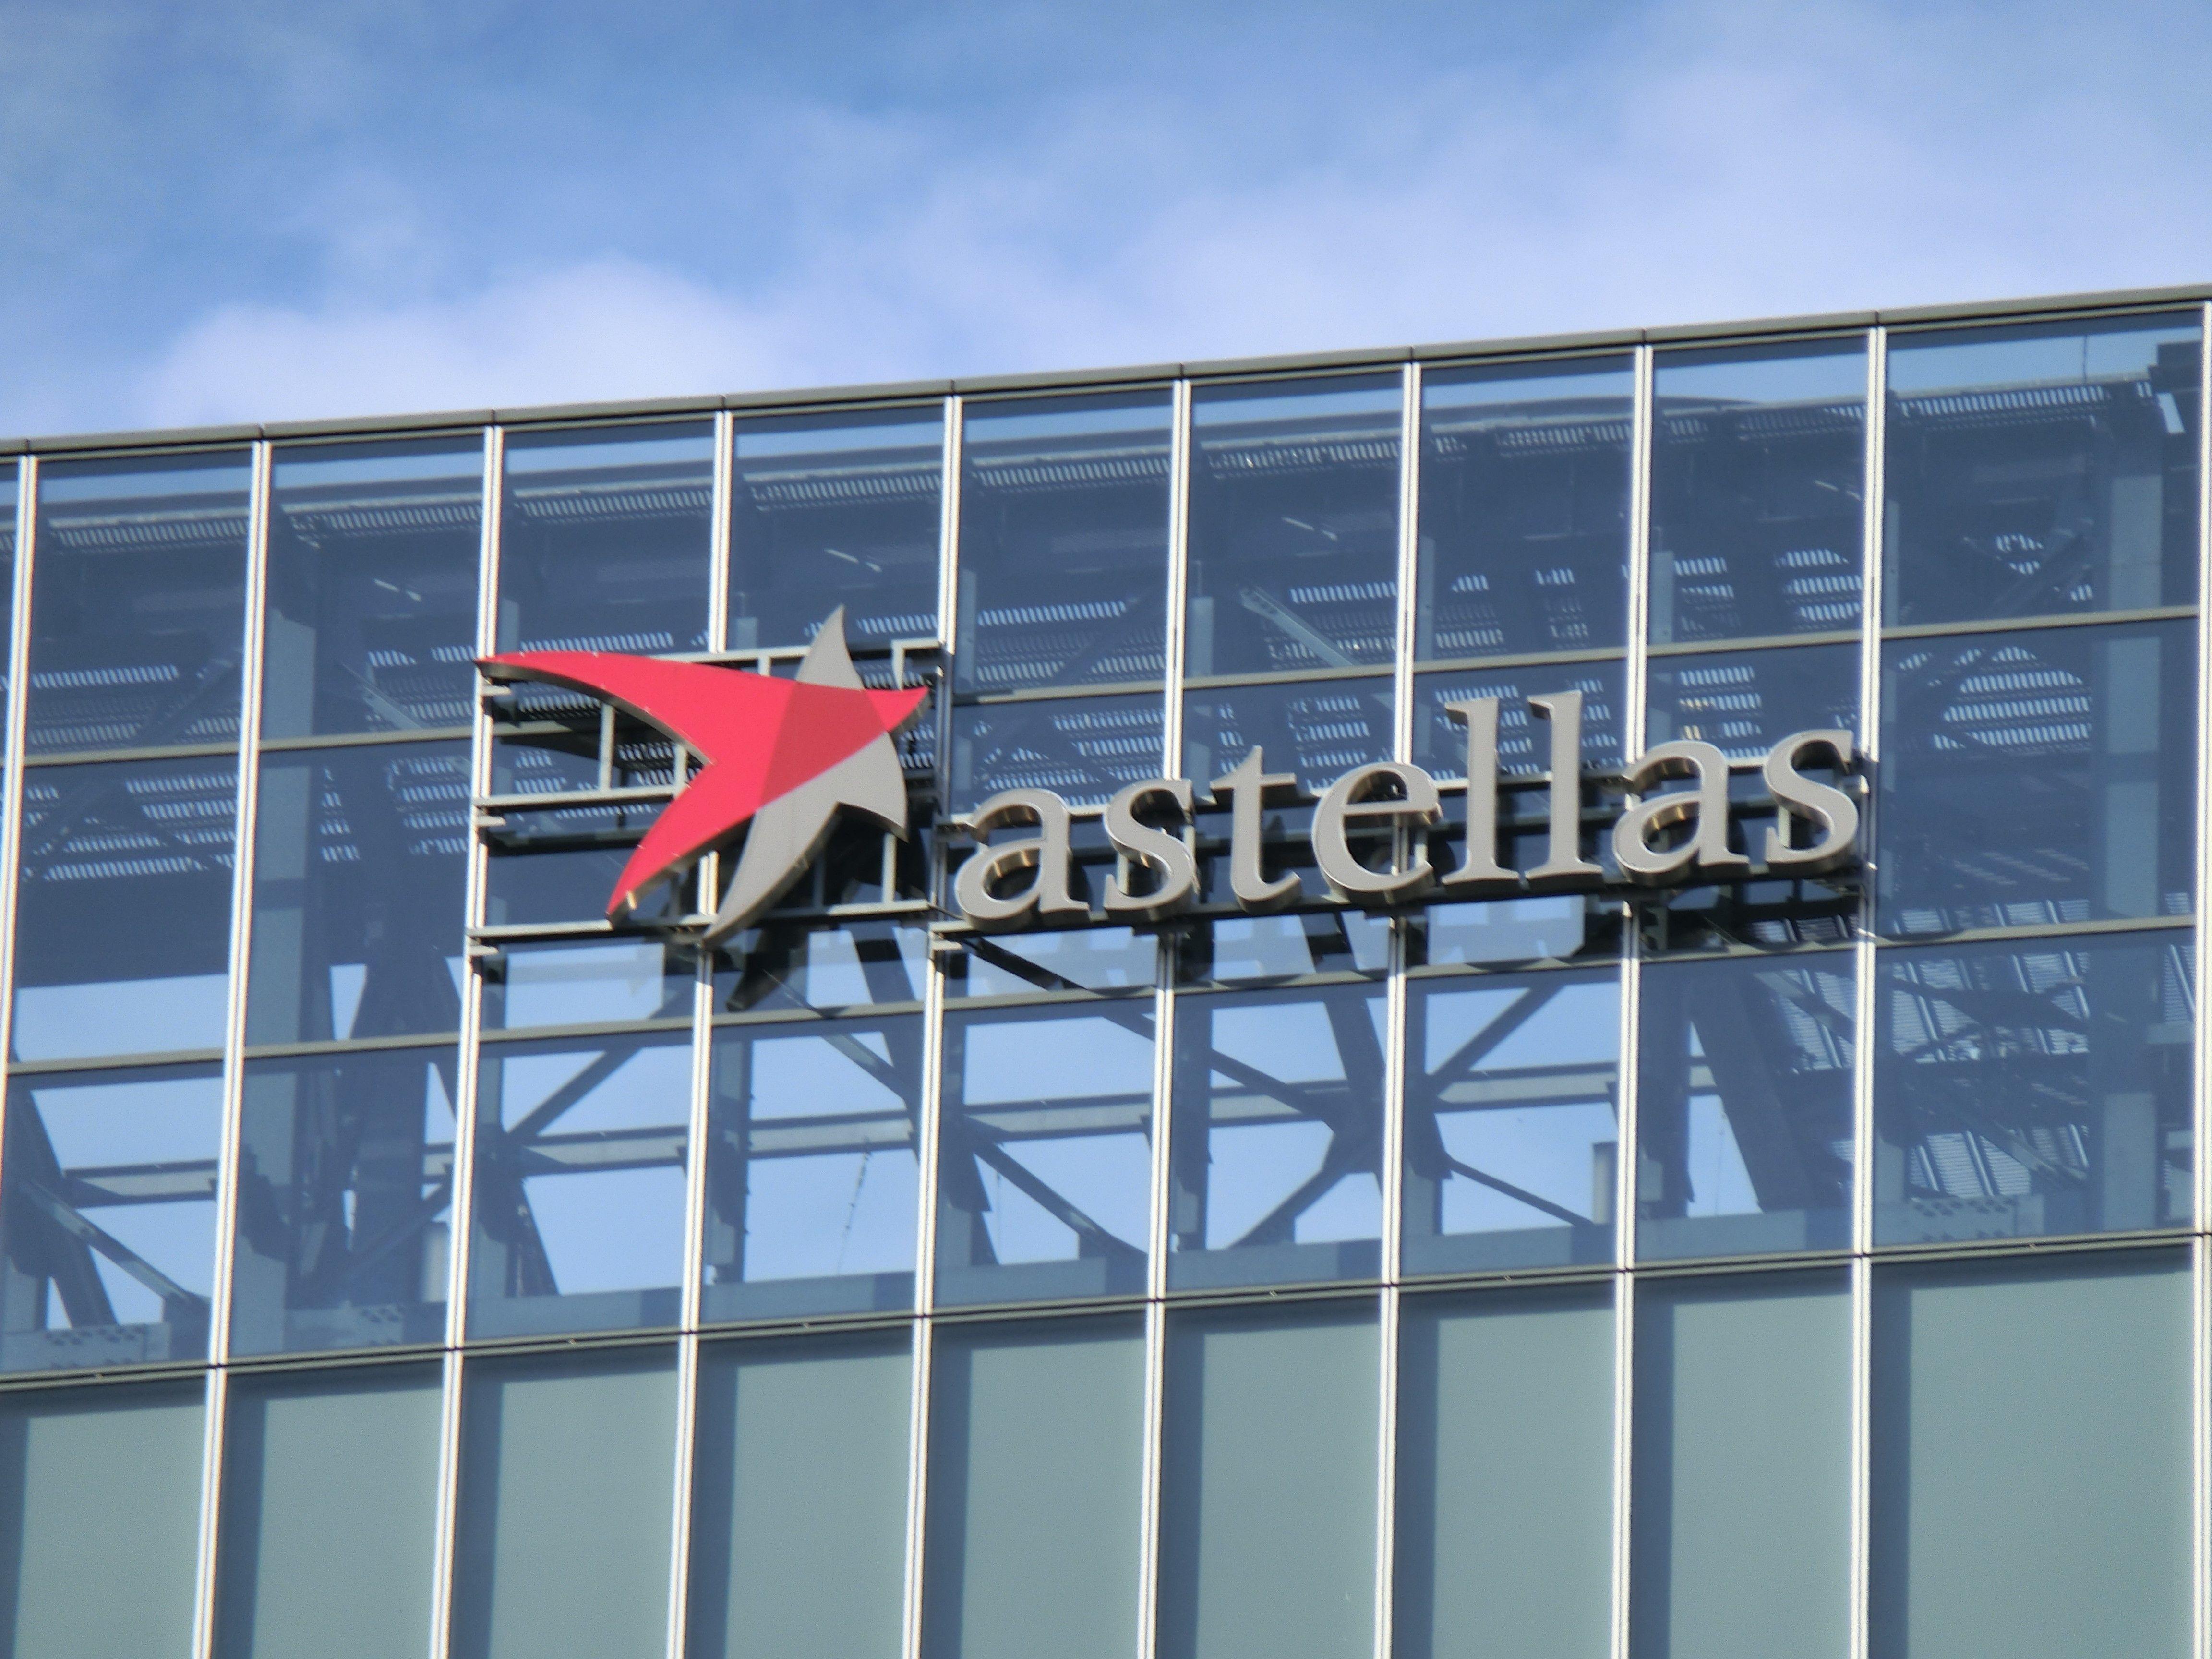 アステラス製薬、2022年以降の「星配置」に注目|ビジネスパーソンのための占星術